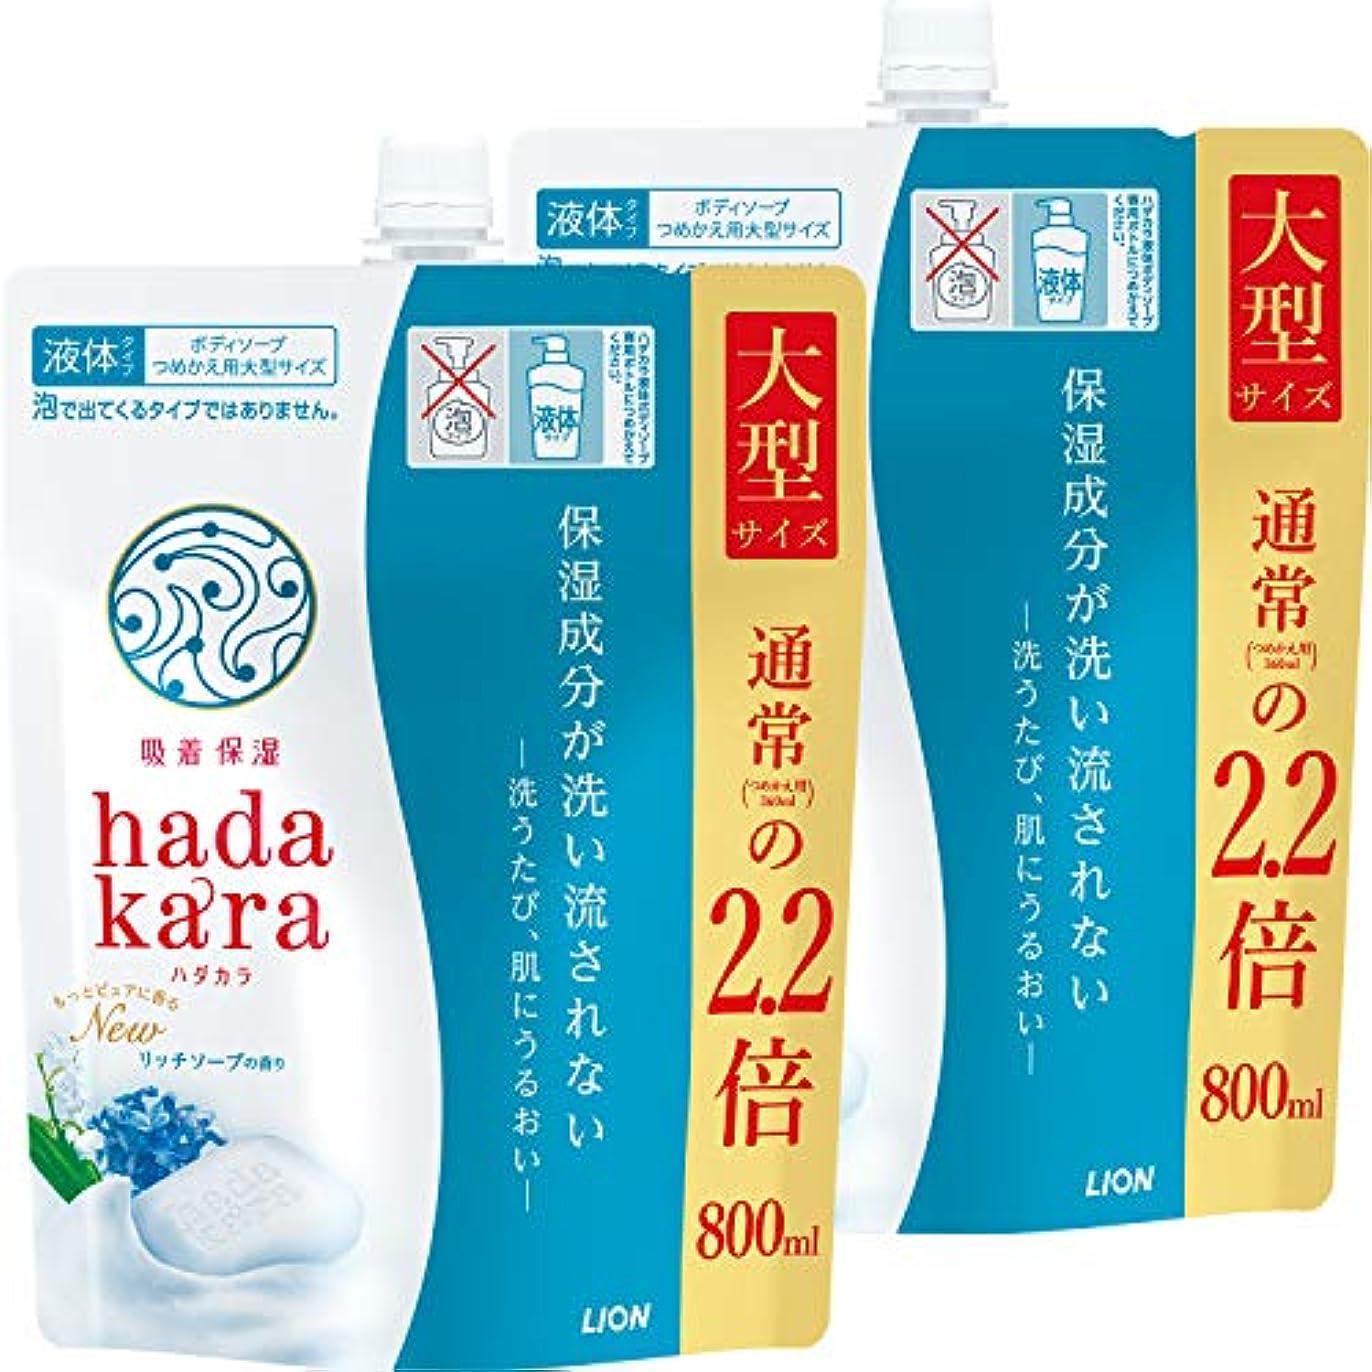 プリーツ人普通にhadakara(ハダカラ) ボディソープ リッチソープの香り つめかえ用大型サイズ 800ml×2個